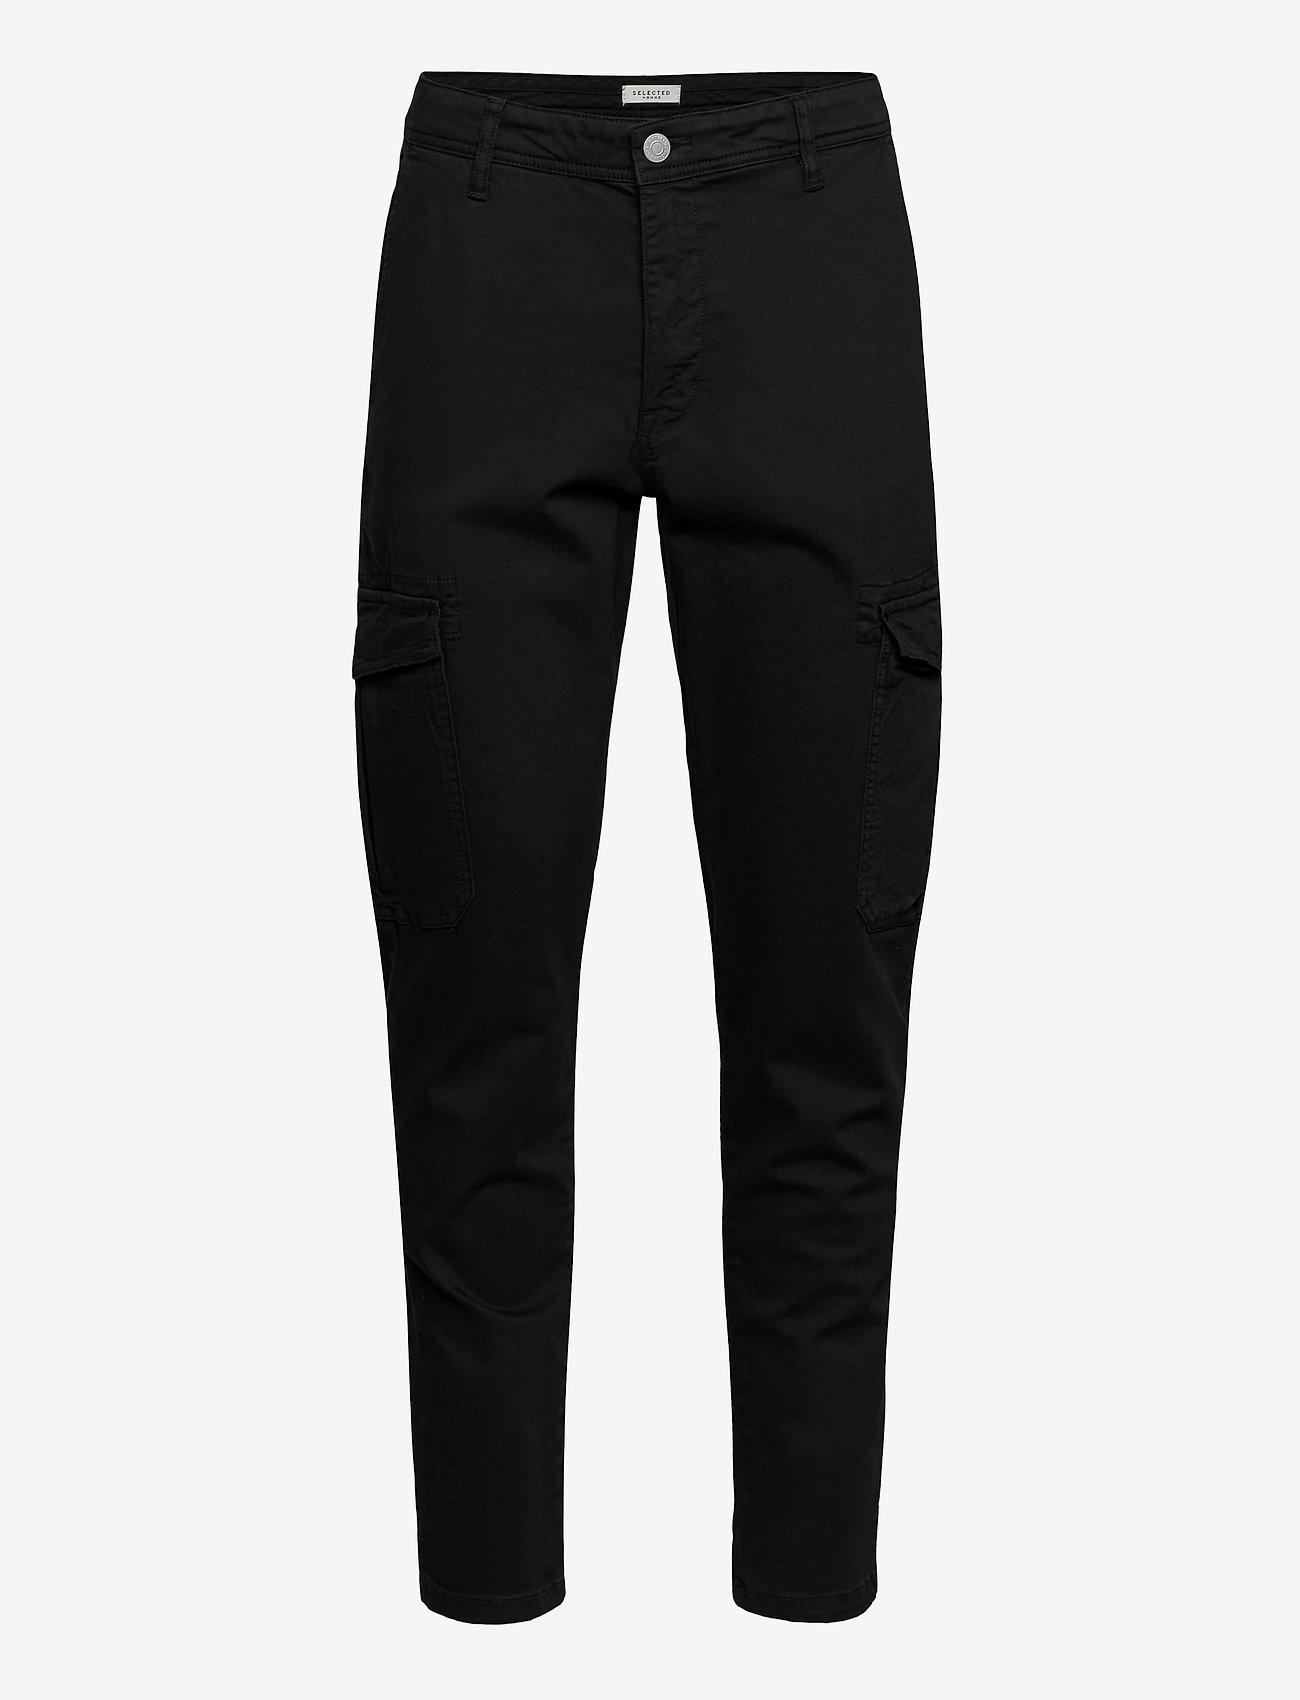 Selected Homme - SLHSLIMCOMFORT-AARON PANTS W - cargobukser - black - 0